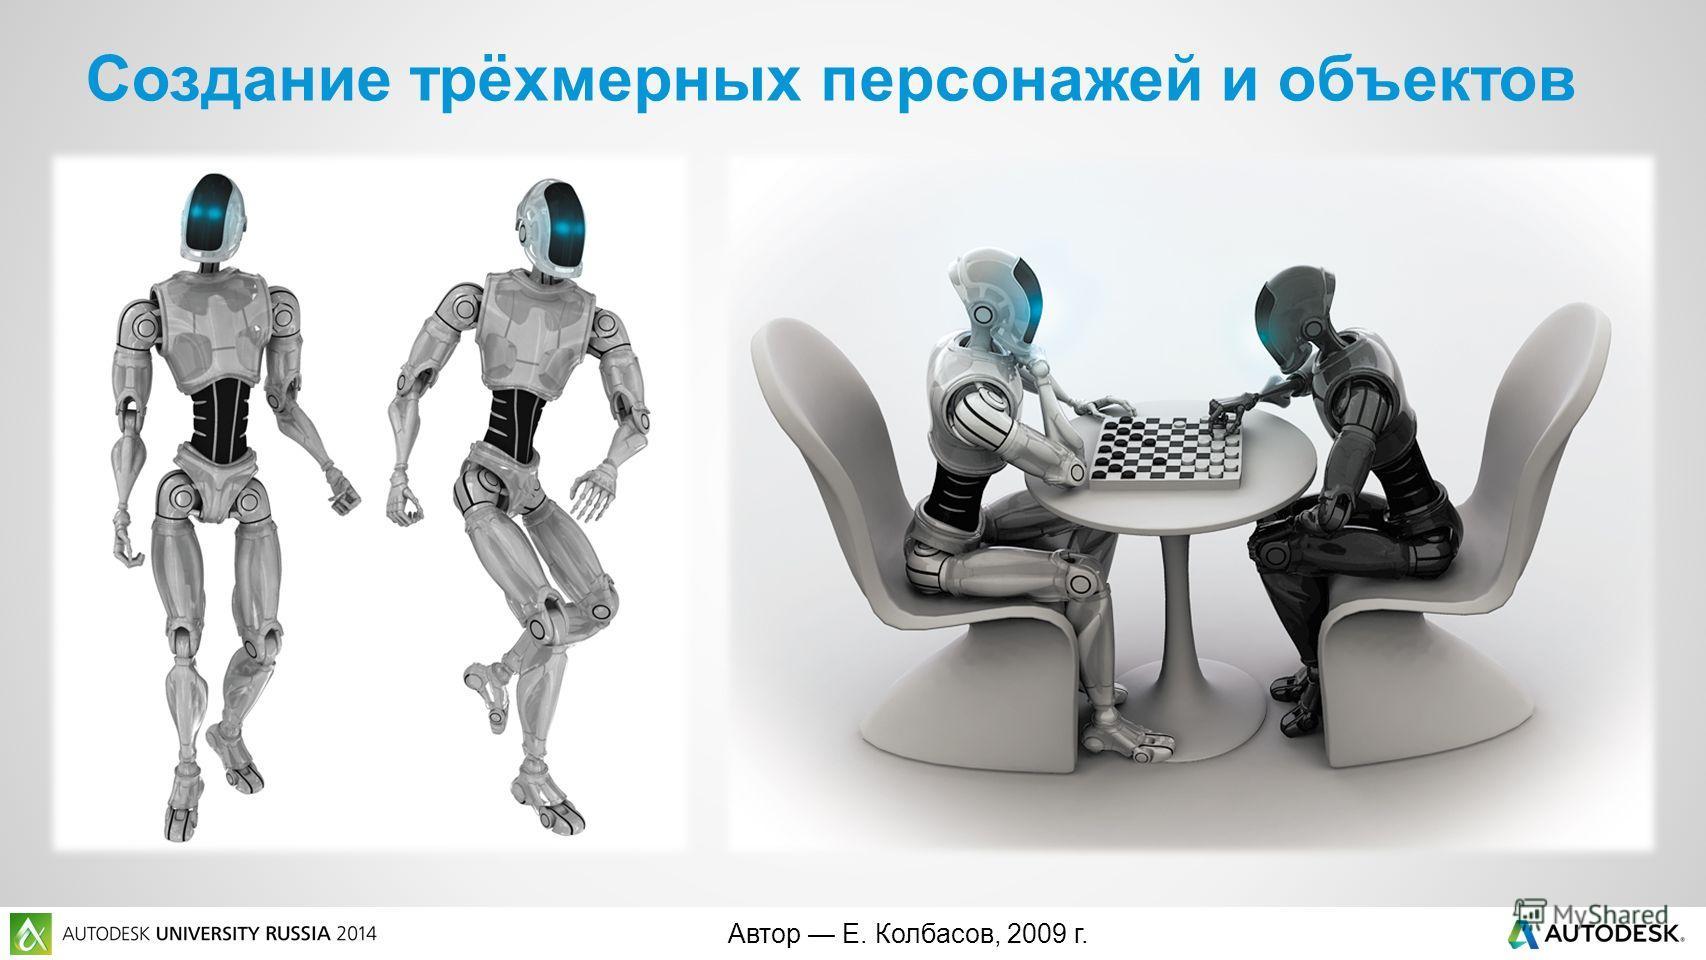 Автор Е. Колбасов, 2009 г. Создание трёхмерных персонажей и объектов